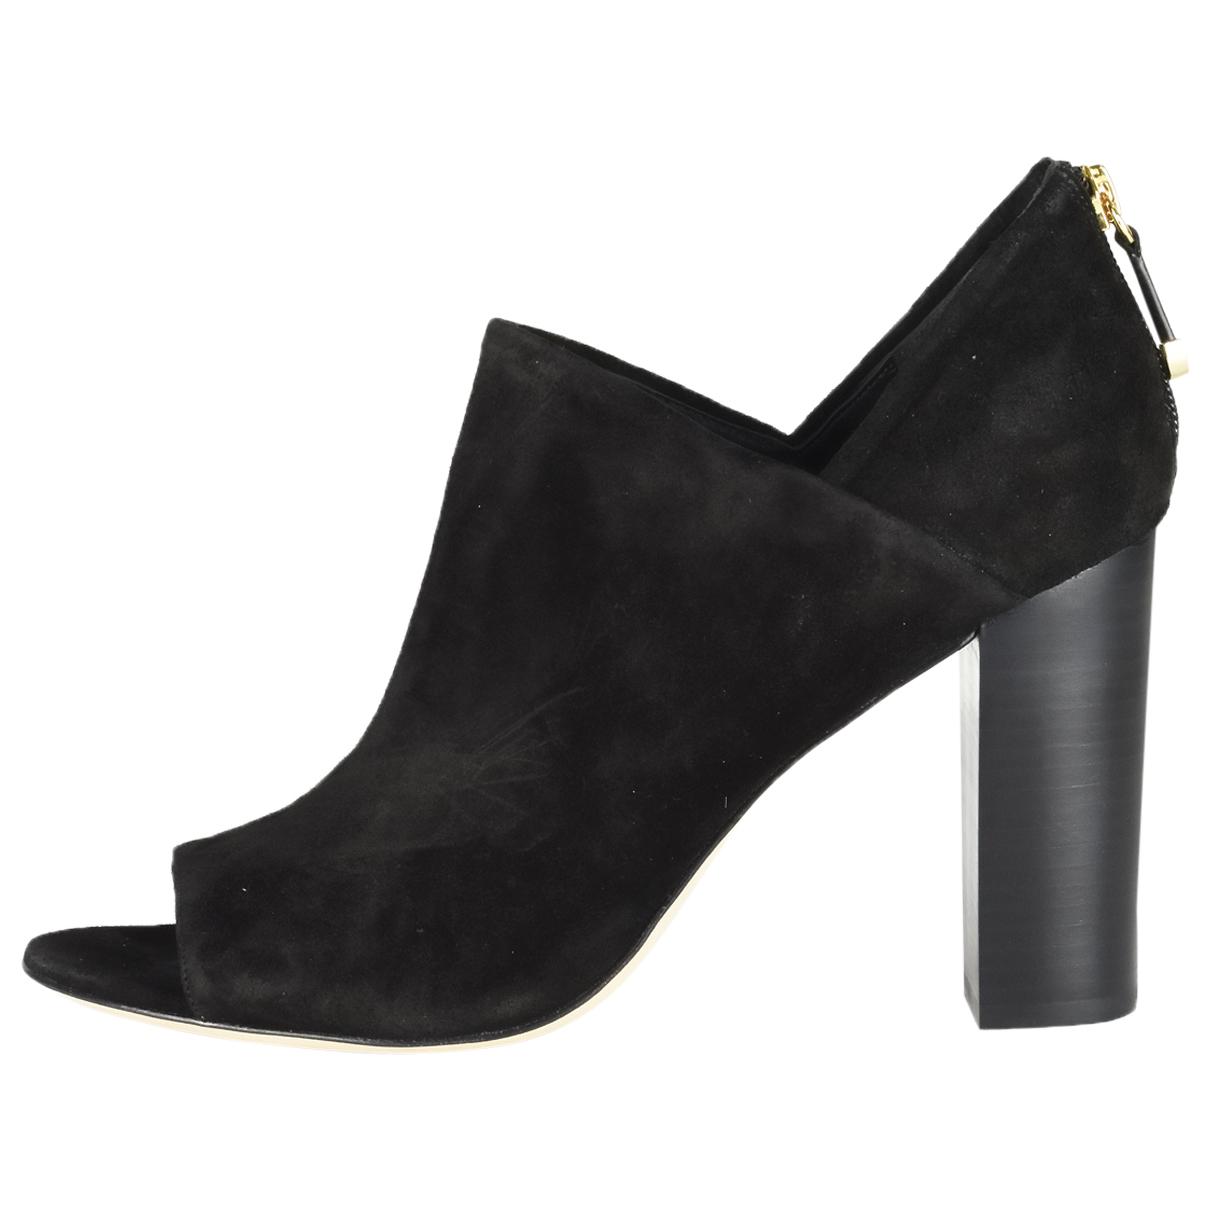 Diane Von Furstenberg N Black Suede Ankle boots for Women 41 EU